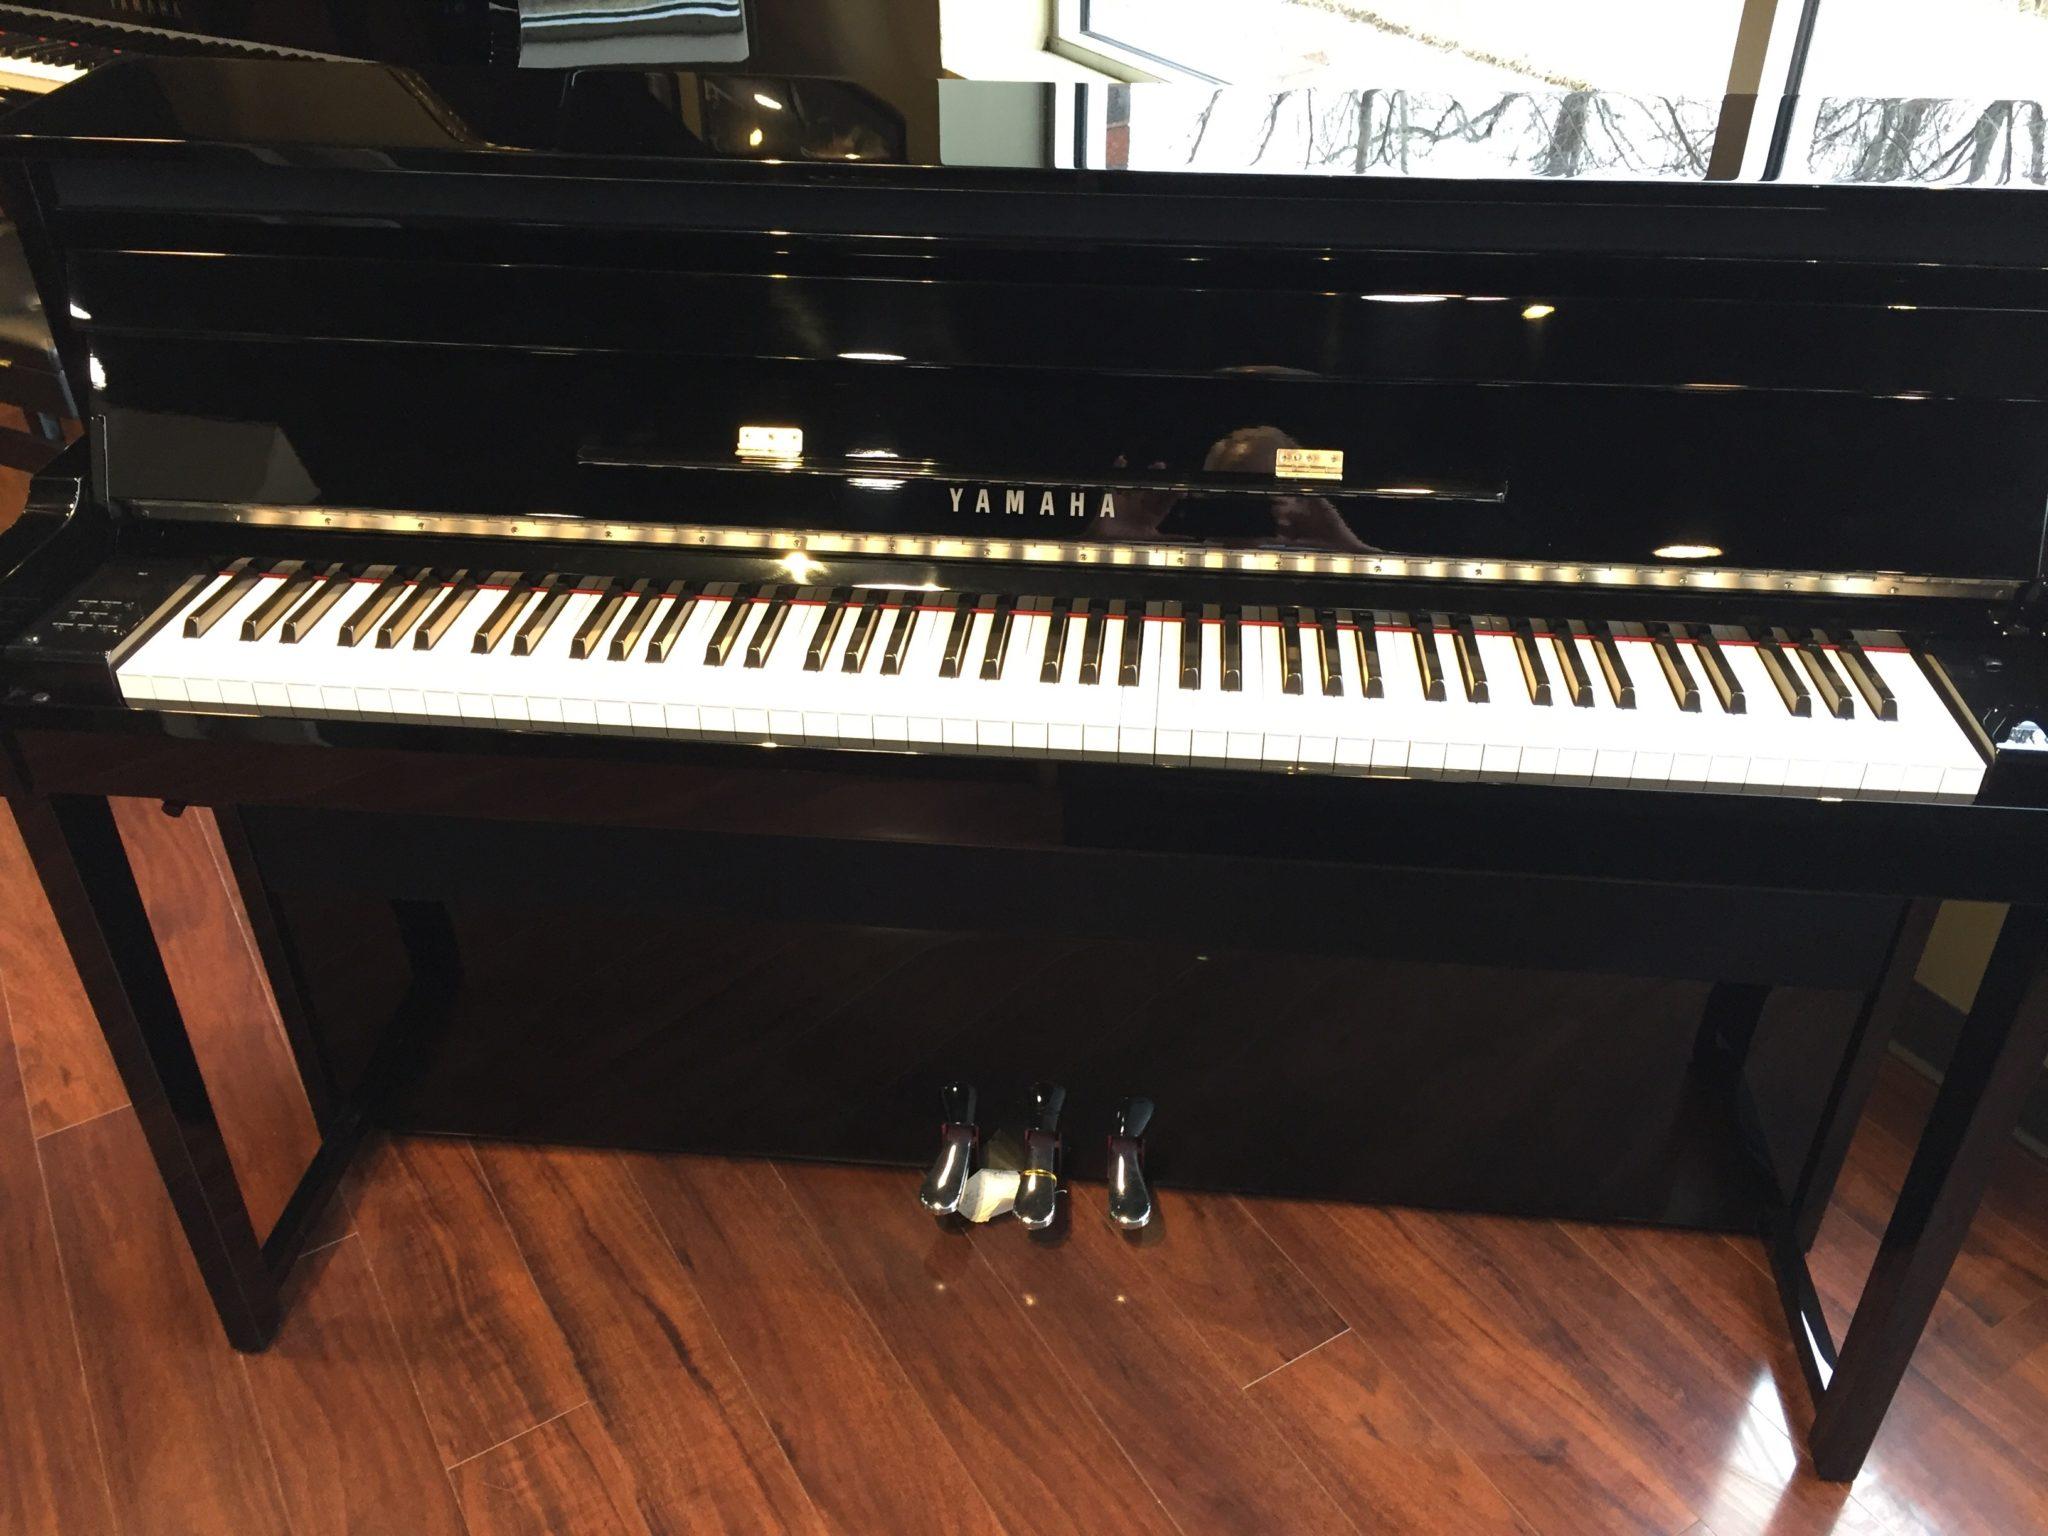 Yamaha – Model NU1 hybrid upright piano